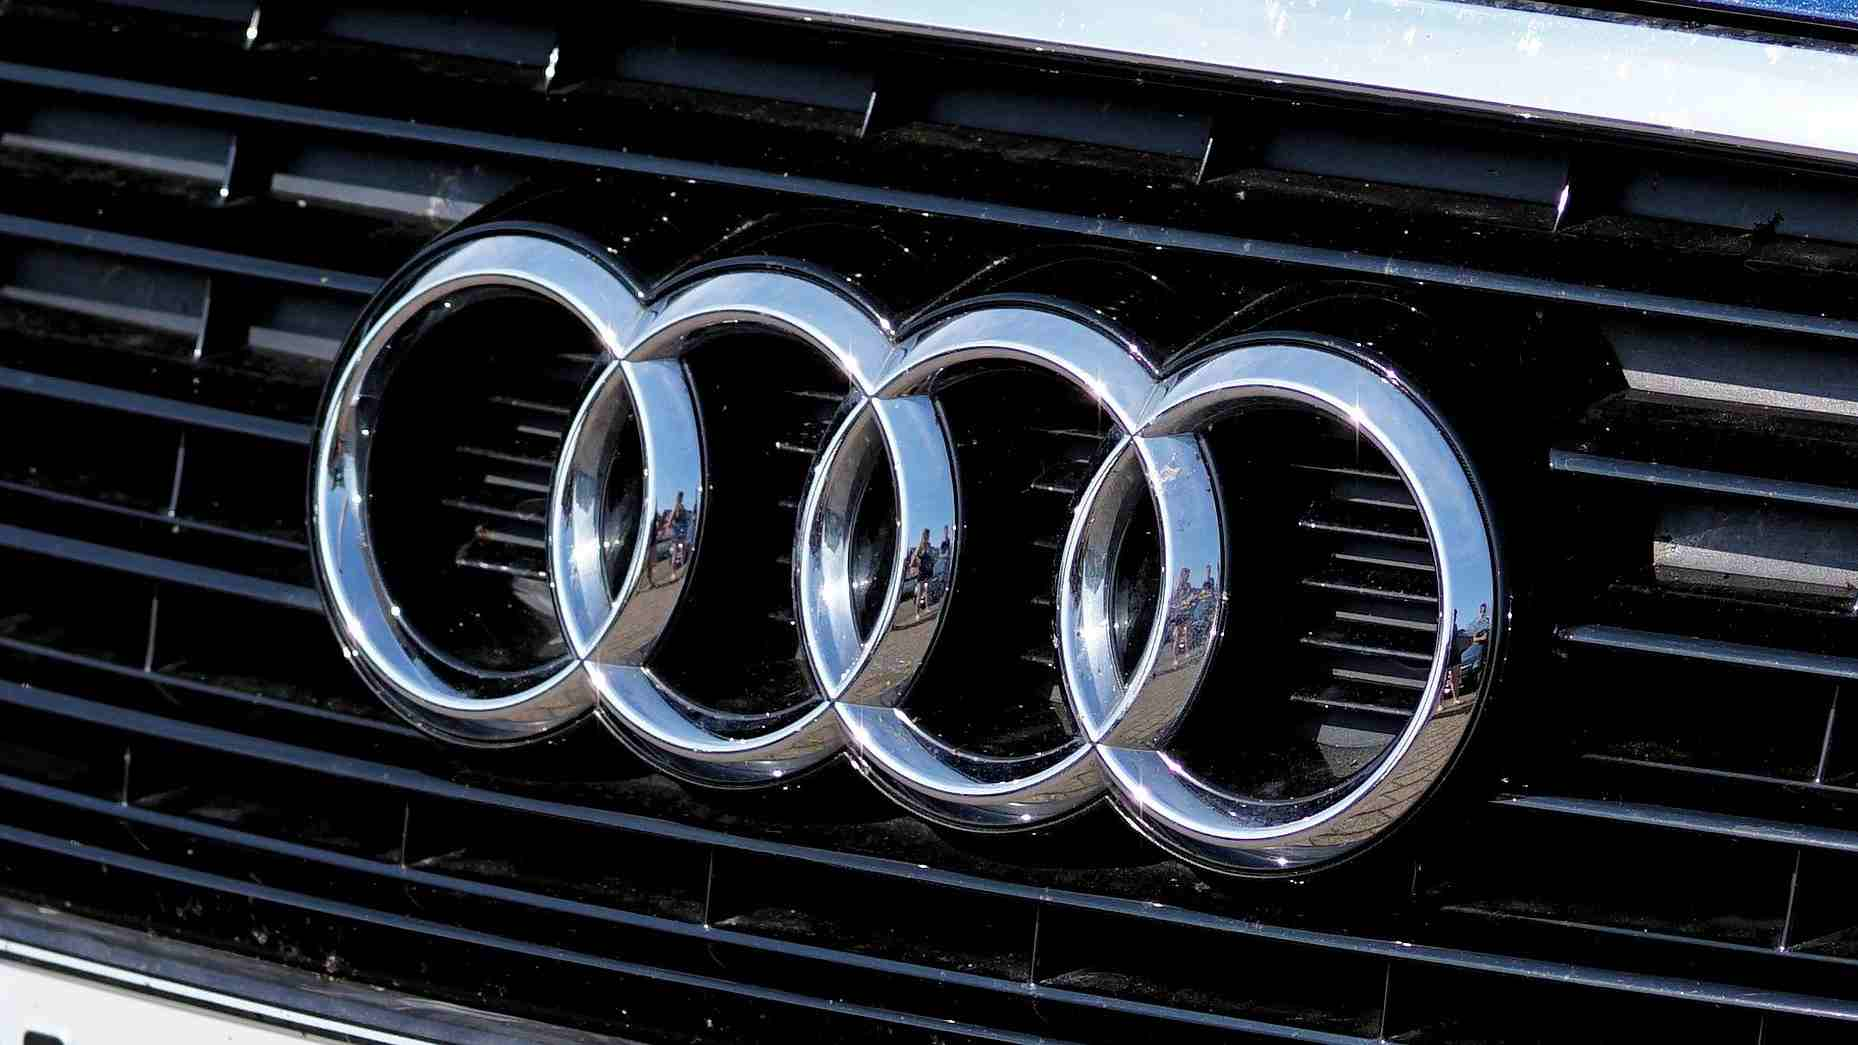 D'ici 2025, Audi aura 20 modèles électriques dans son portefeuille mondial.  Image: Andreas Lischka via Pixabay